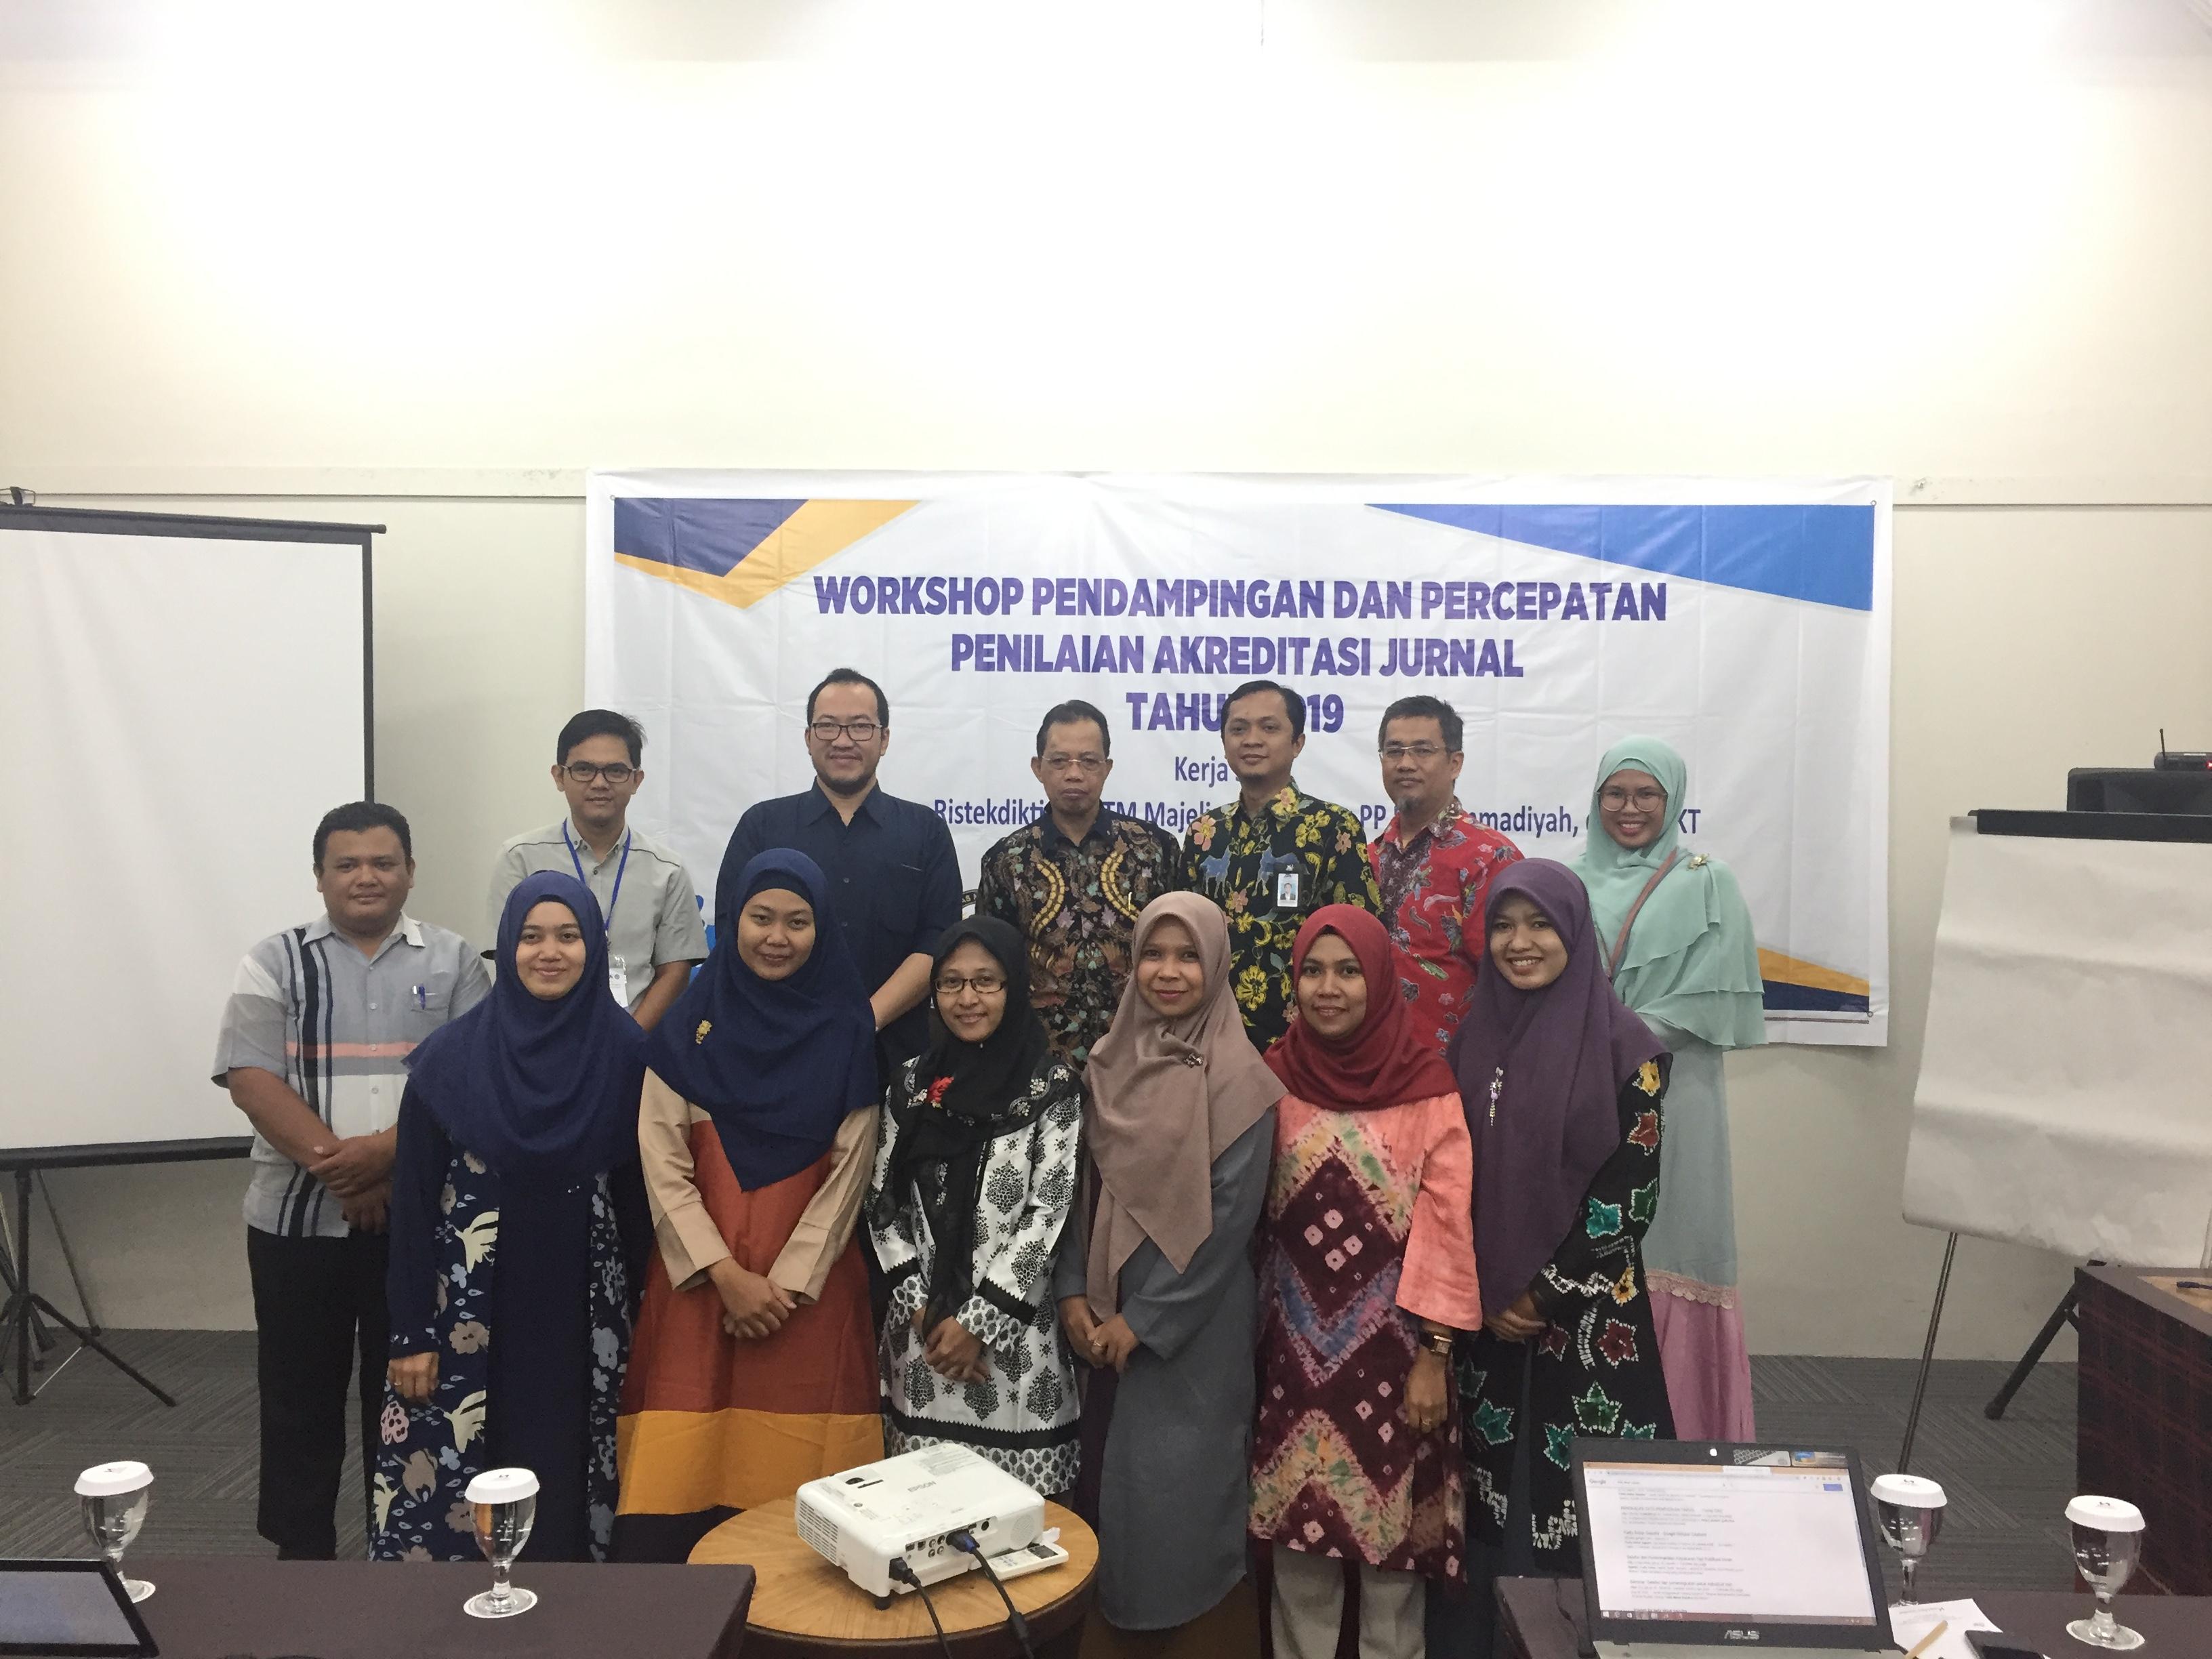 Workshop Pendampingan dan Percepatan Penilaian Akreditasi Jurnal Tahun 2019